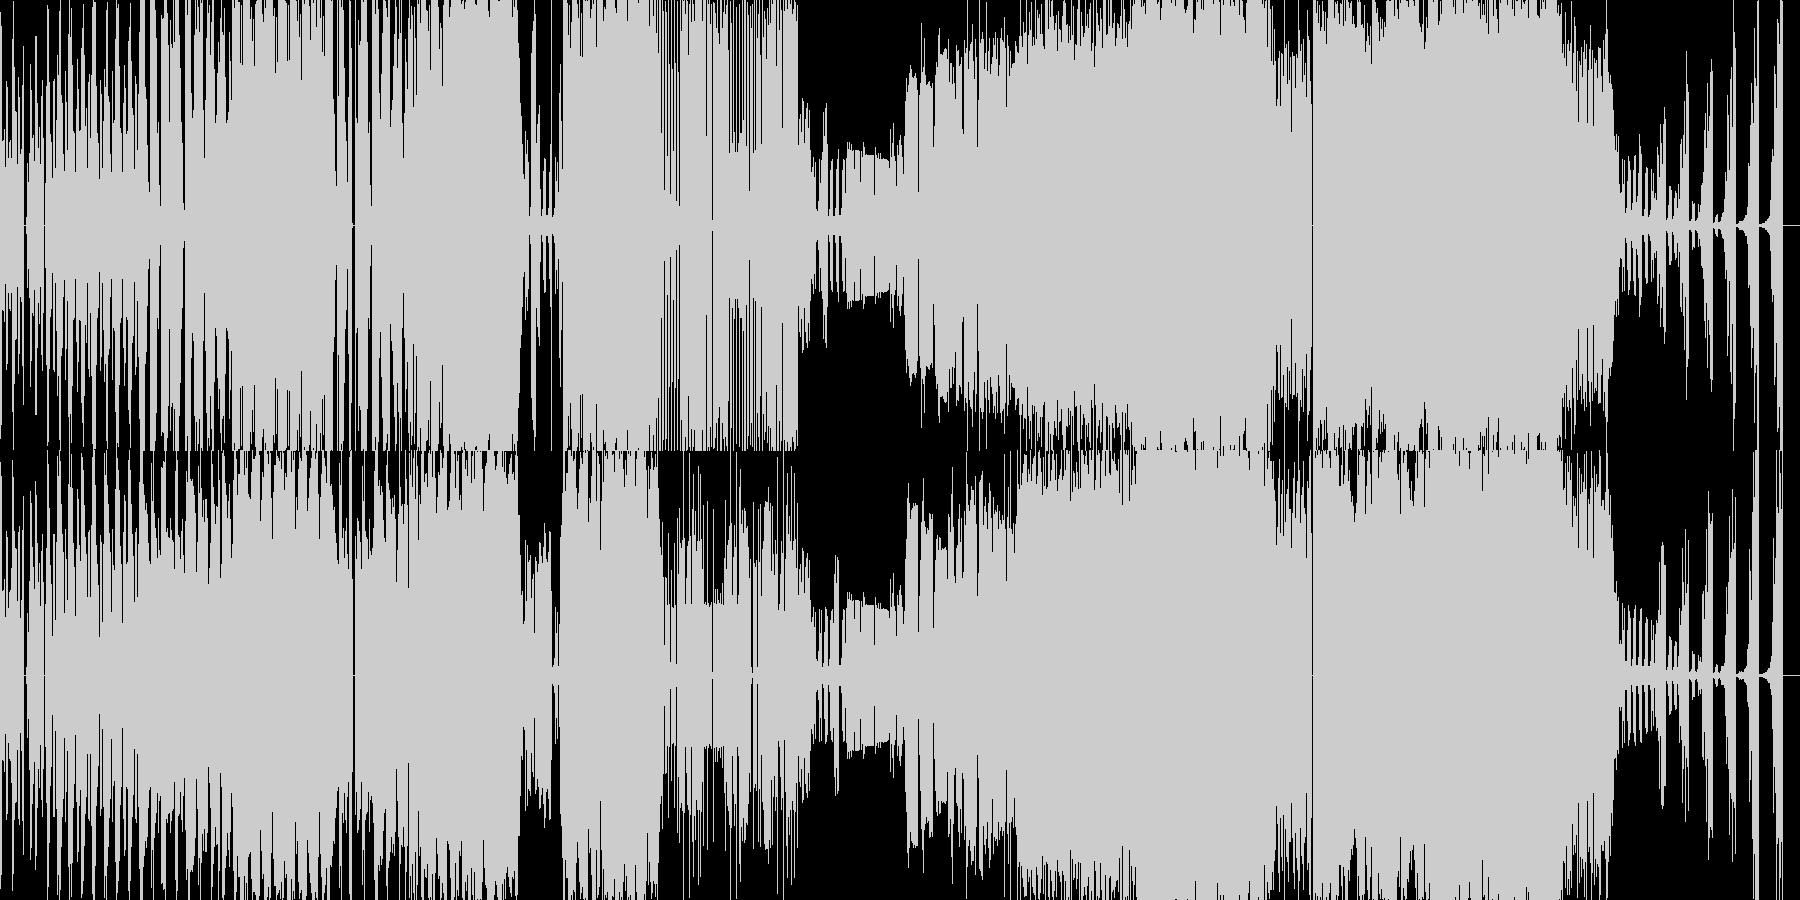 オーケストラを波形でブチブチに切った曲の未再生の波形